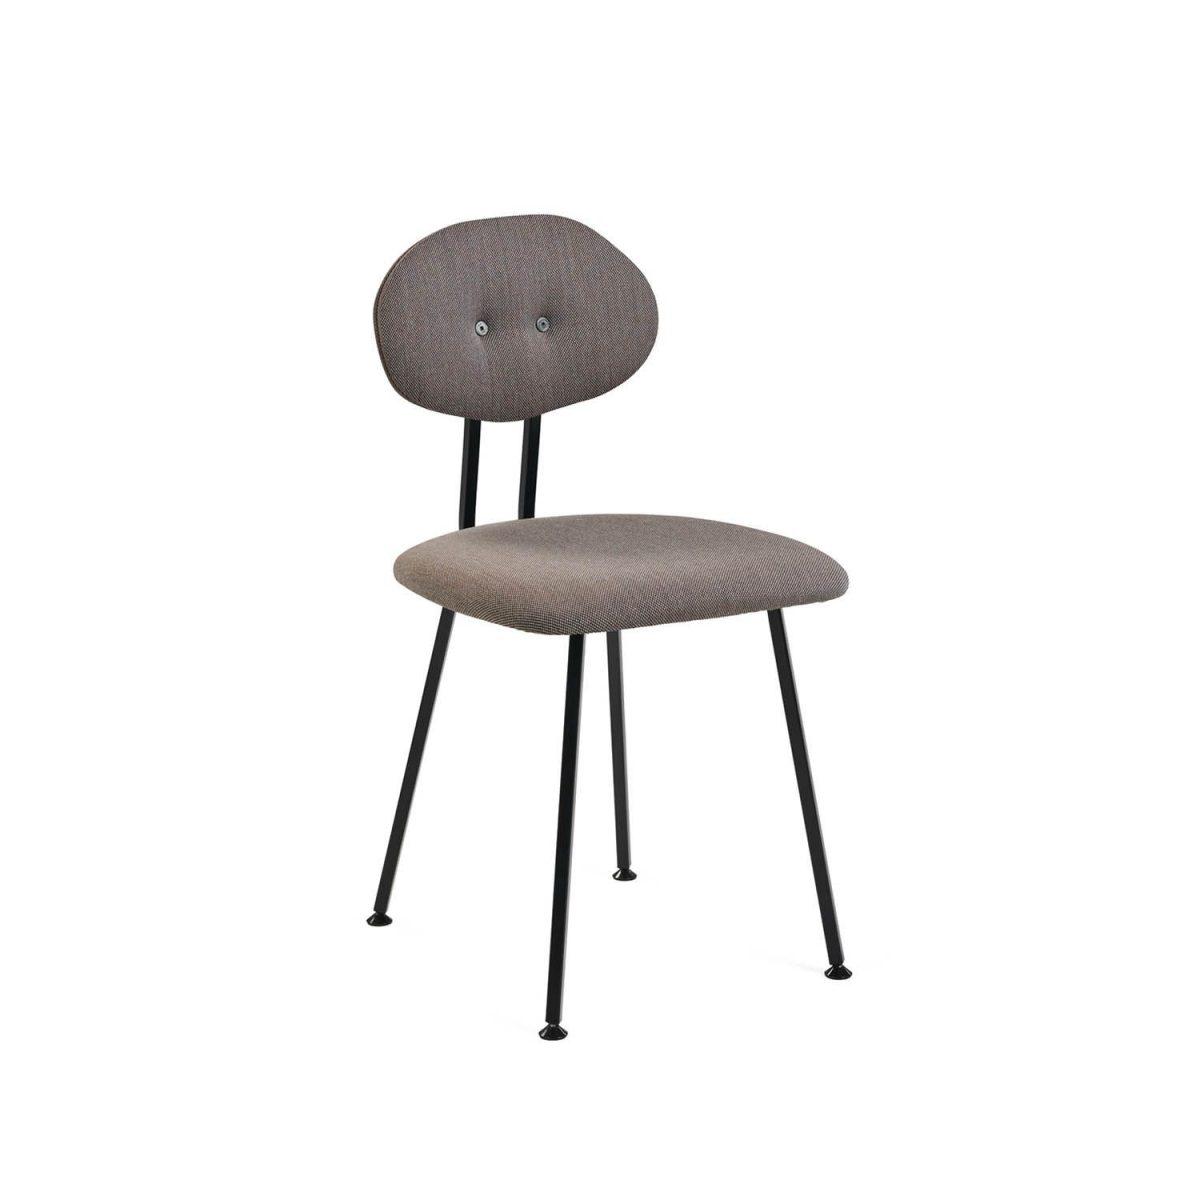 G Stoel Kantoor Thuis Dutch Design Gestoffeerd Maarten Baas